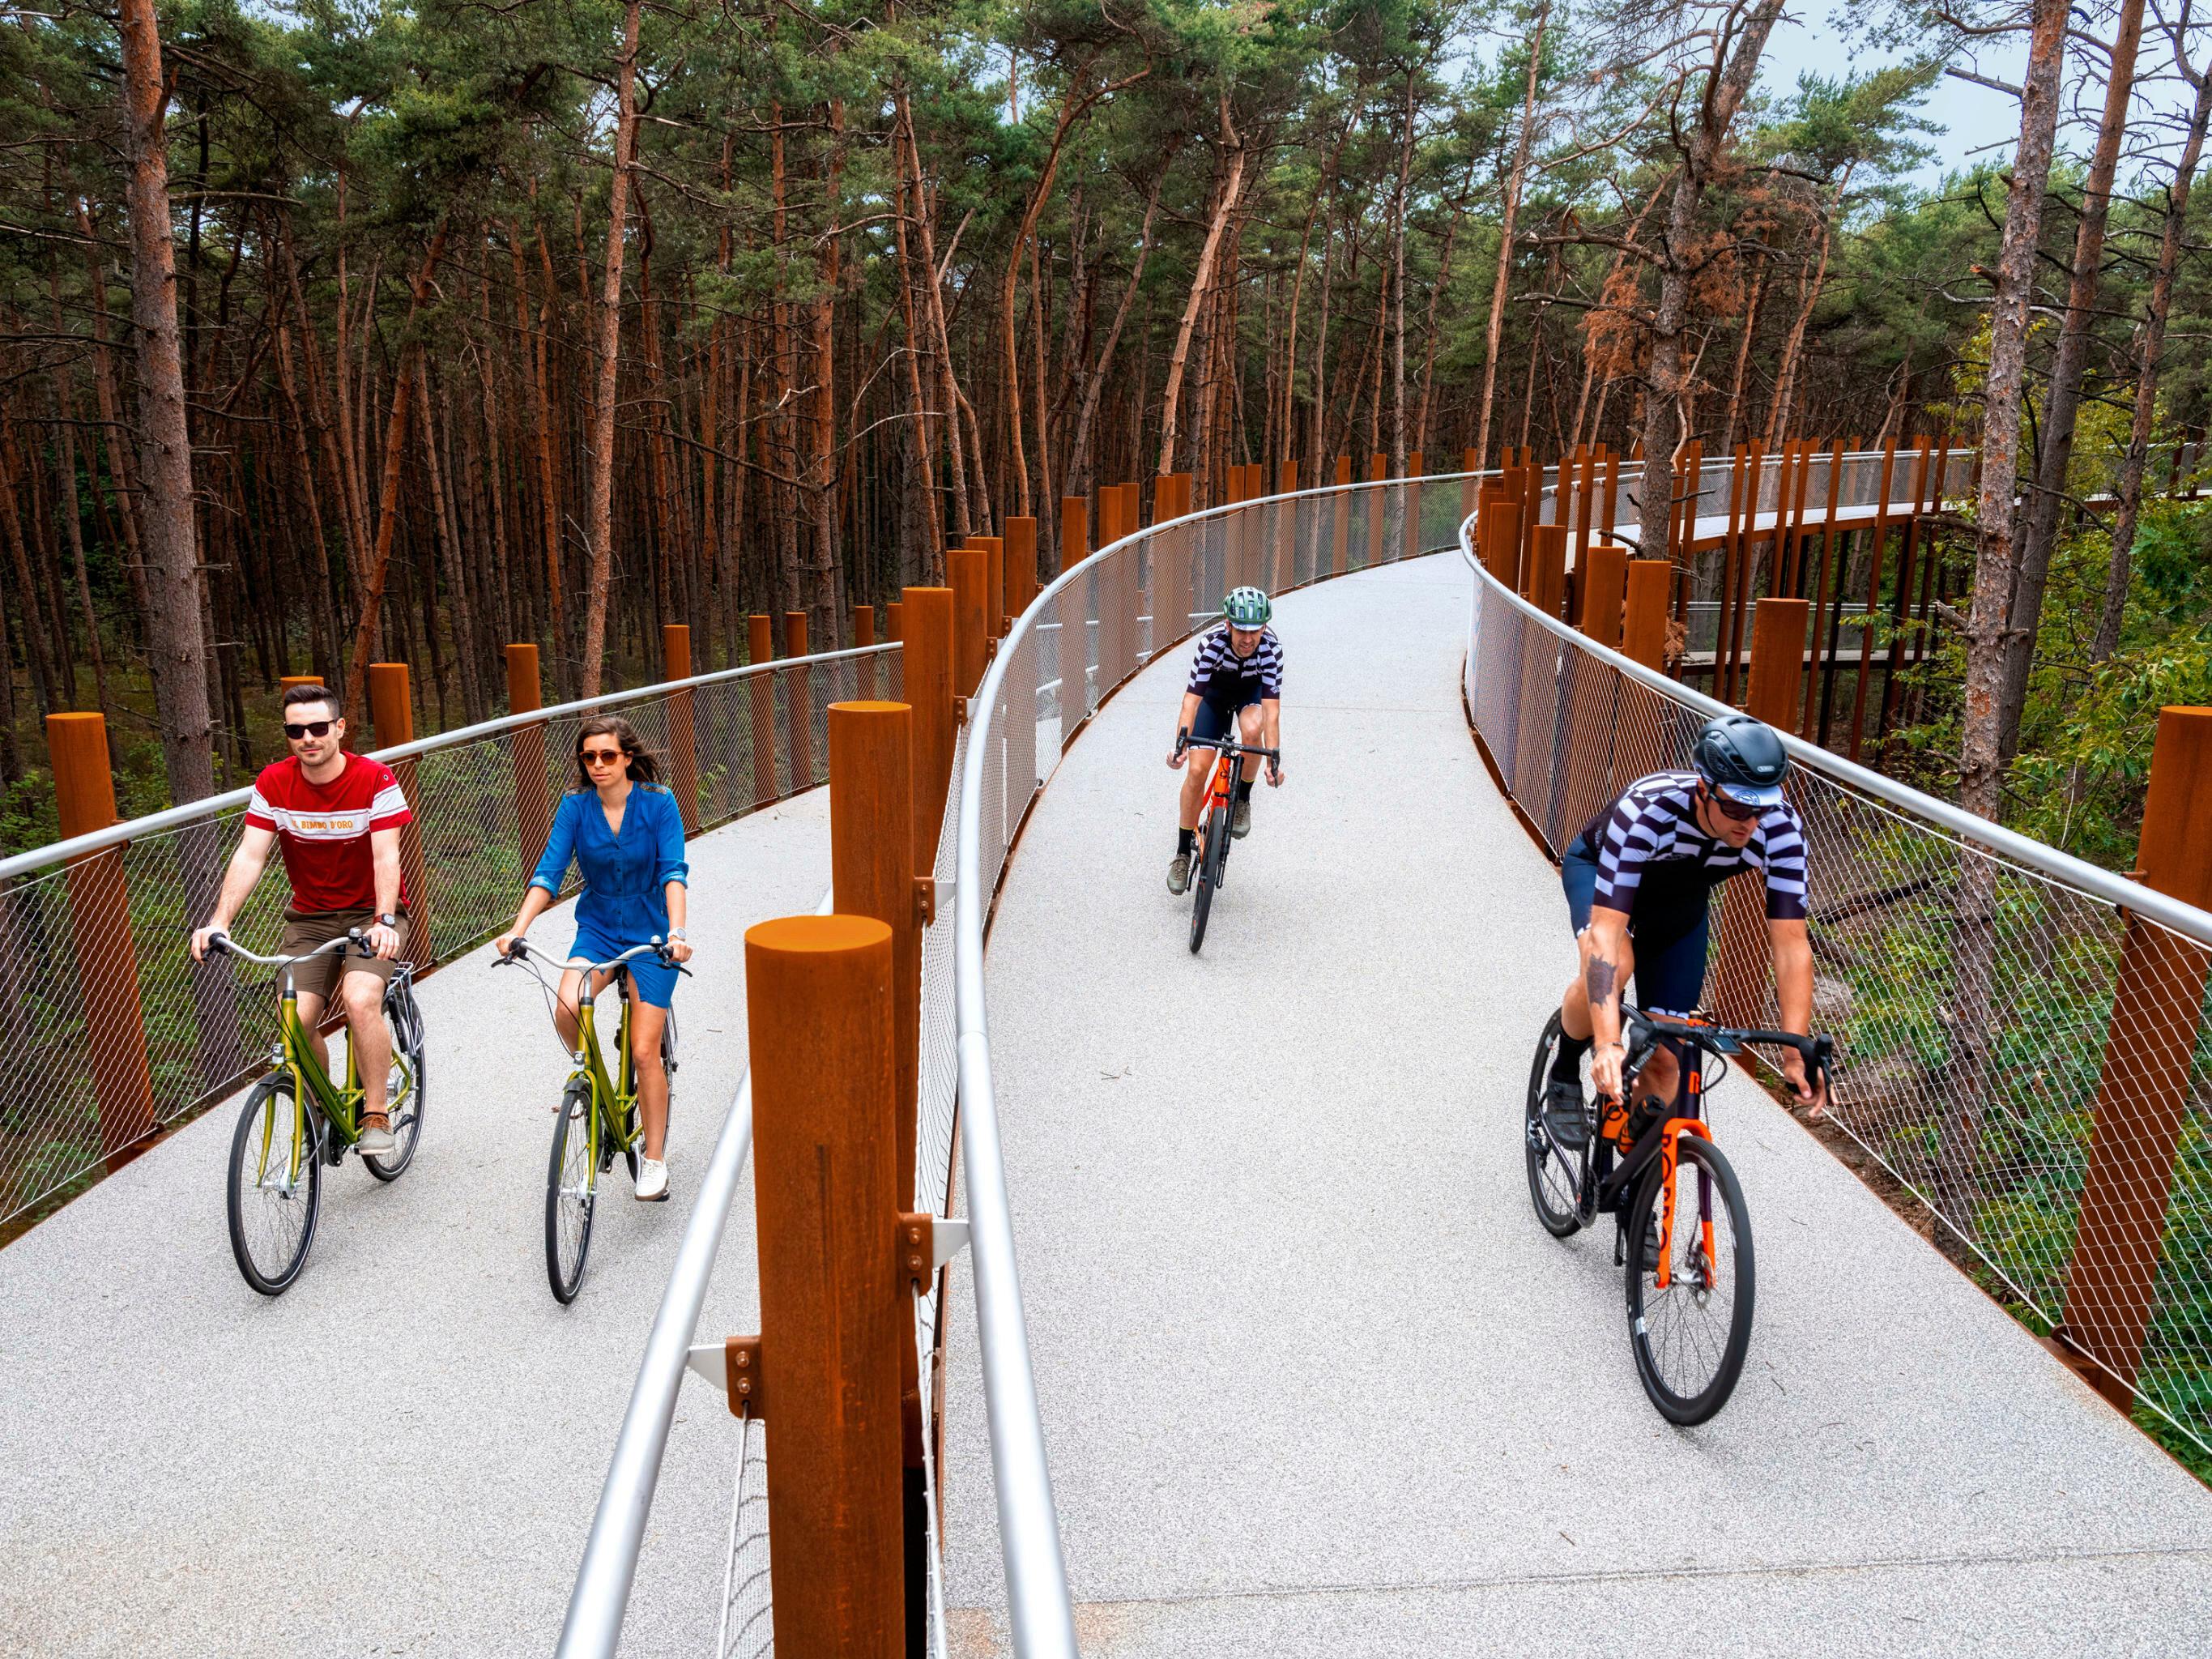 fietsen-door-de-bomen-in-bosland-9873-4.jpg